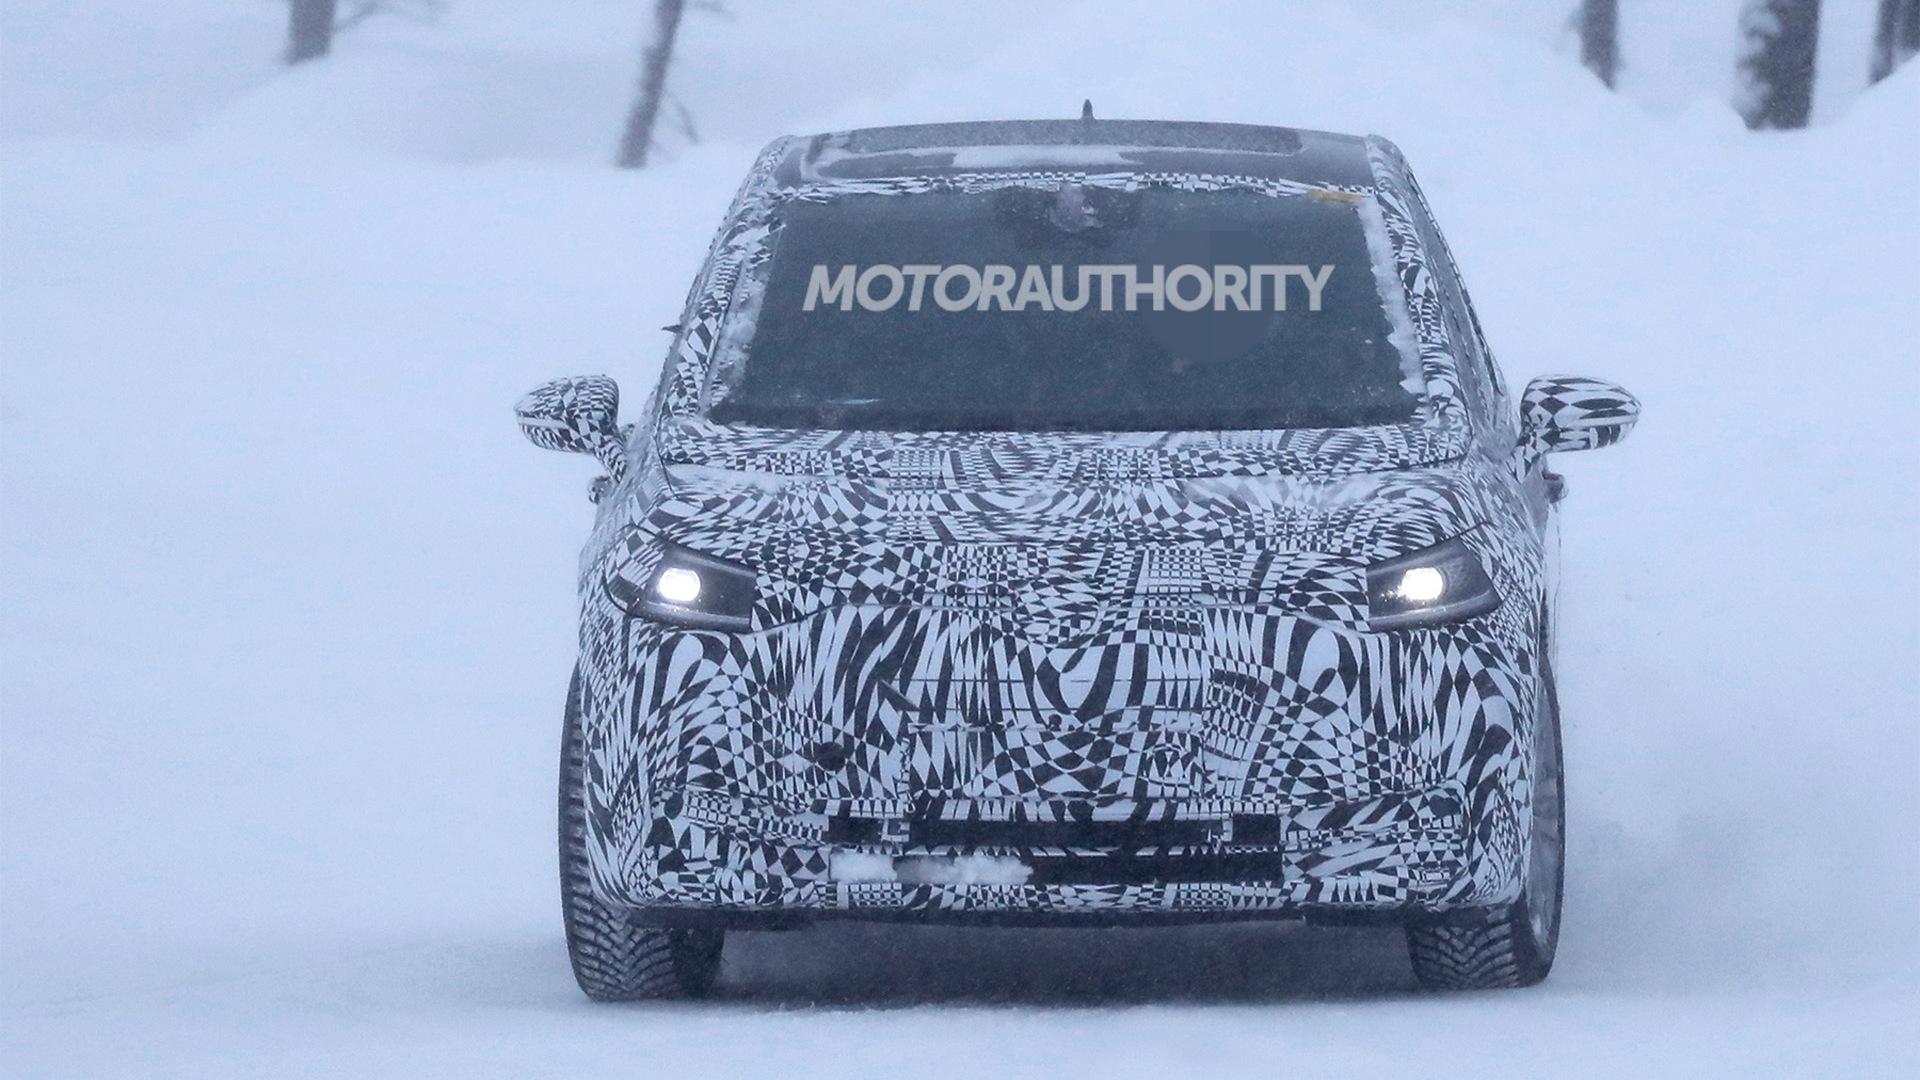 2020 Volkswagen ID Neo spy shots - Image via S. Baldauf/SB-Medien